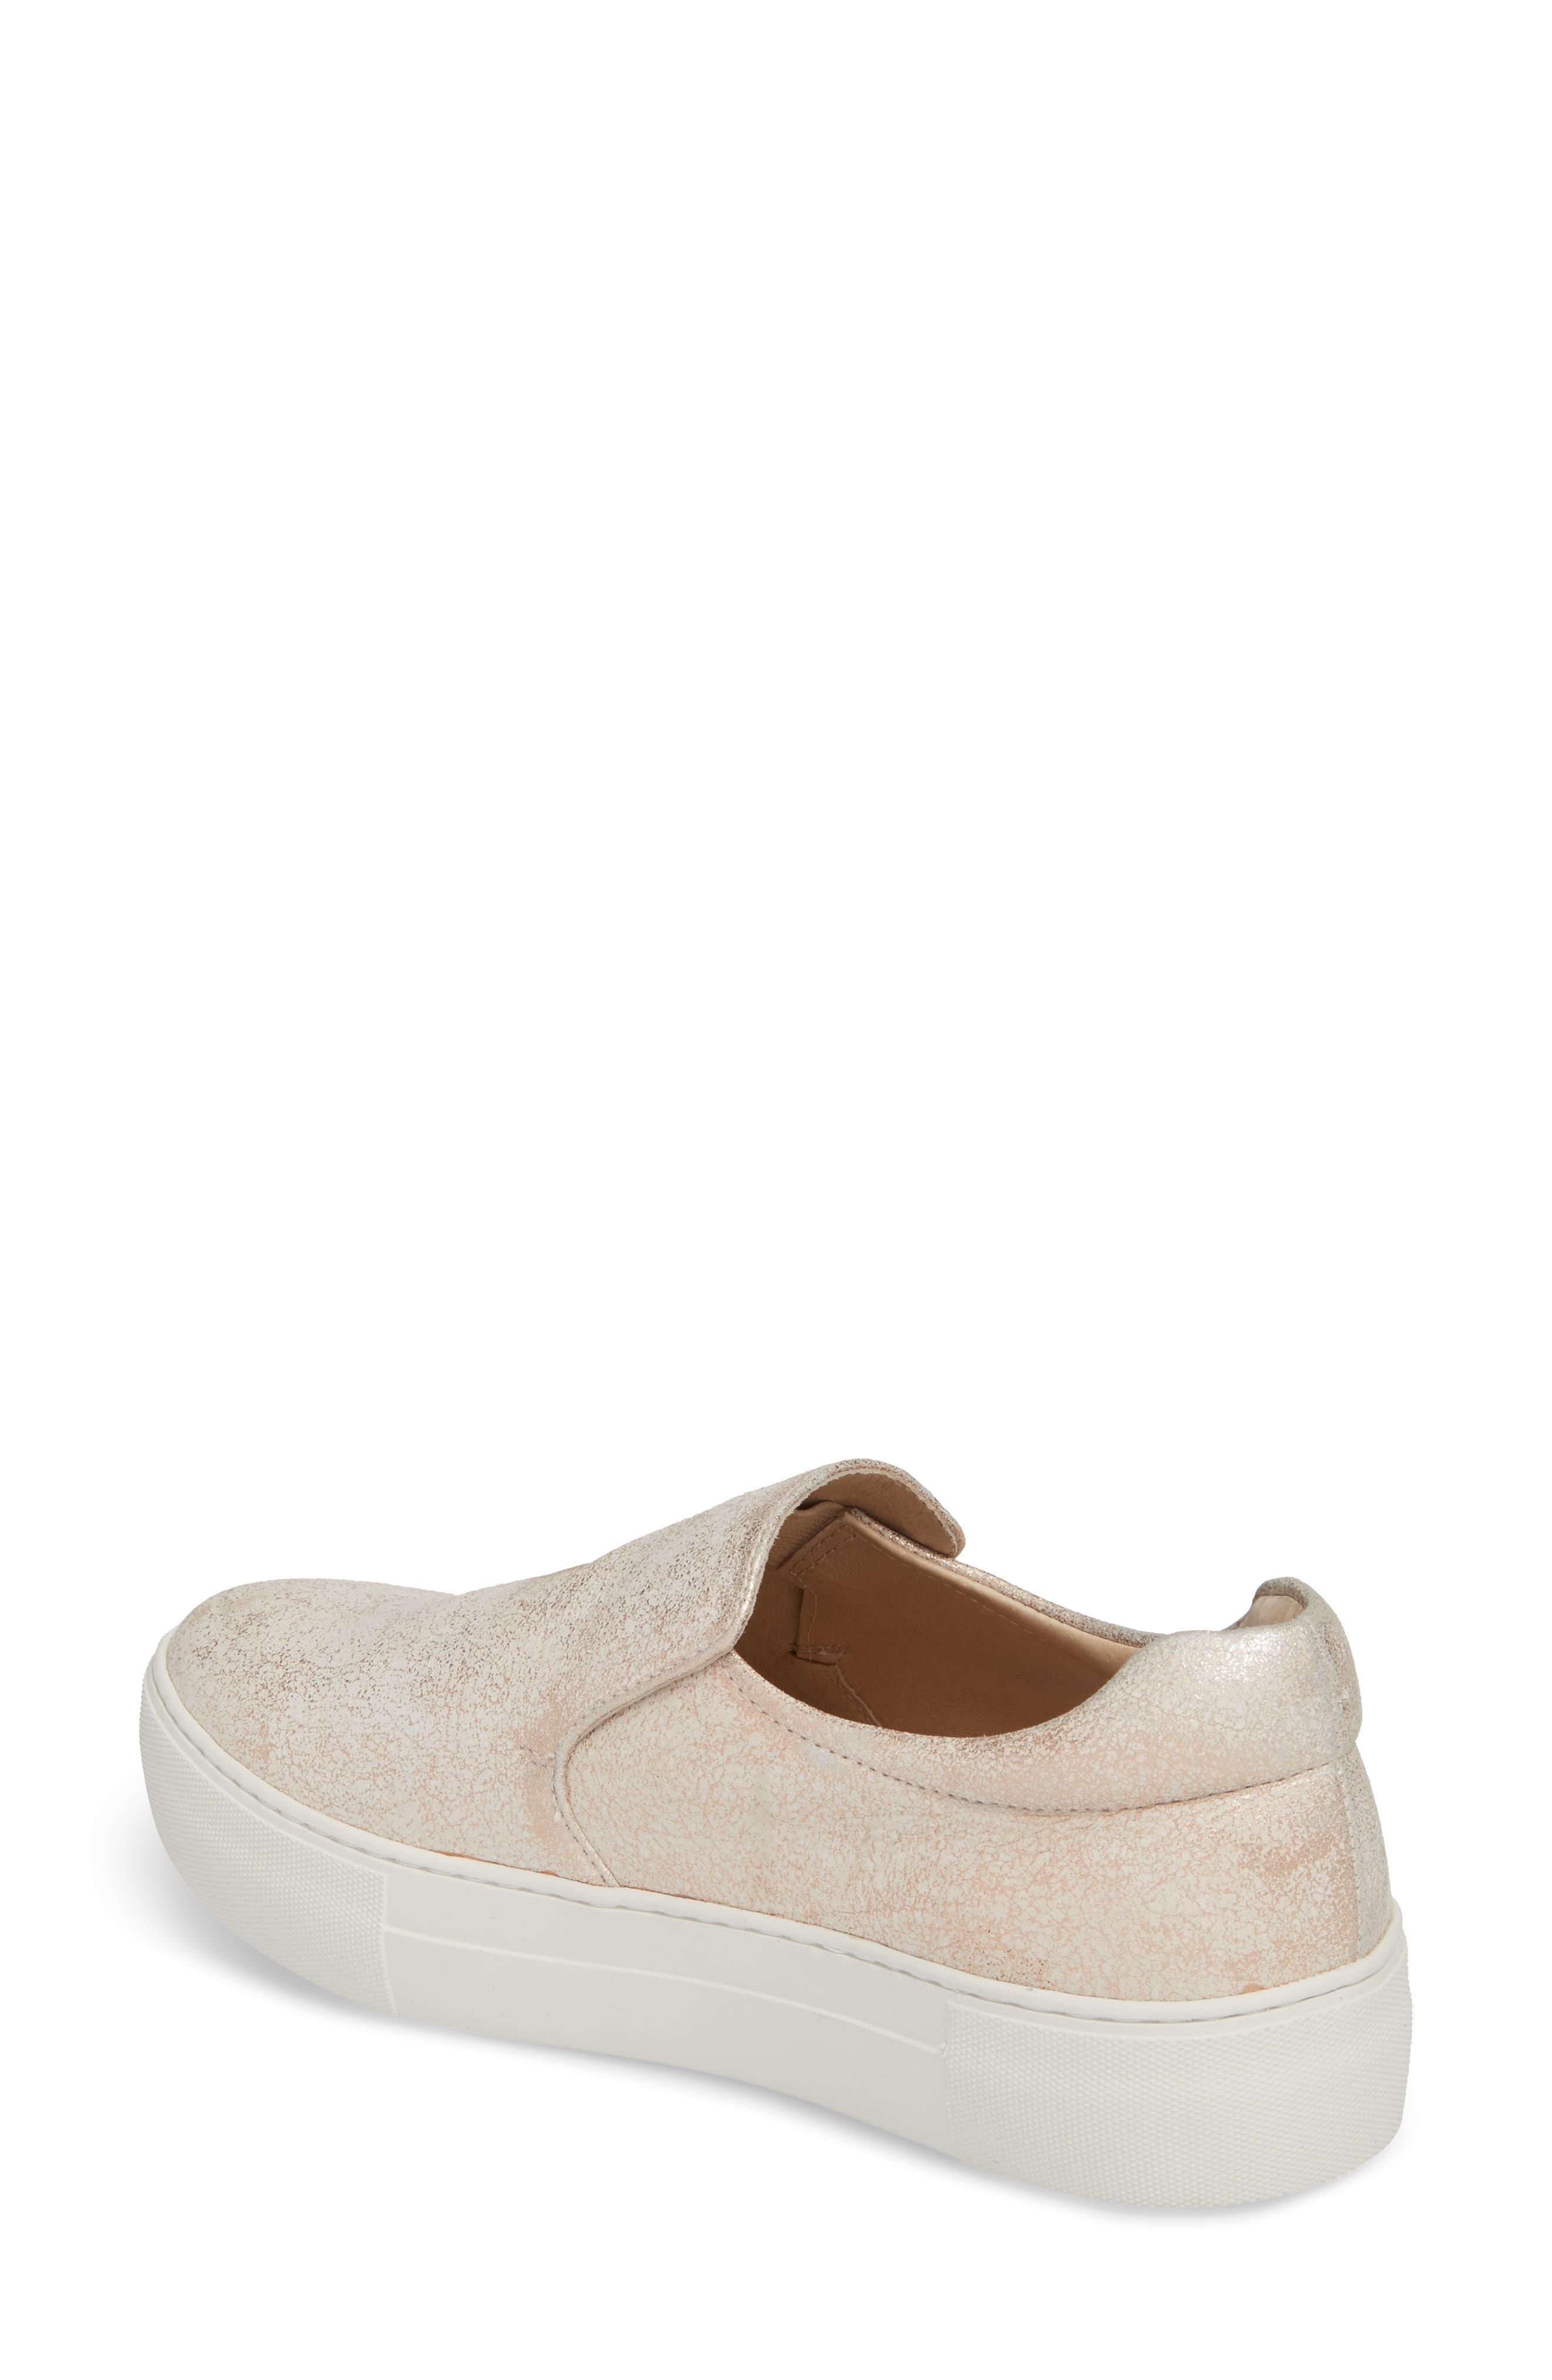 Alternate Image 2  - JSlides Acer Slip-On Sneaker (Women)